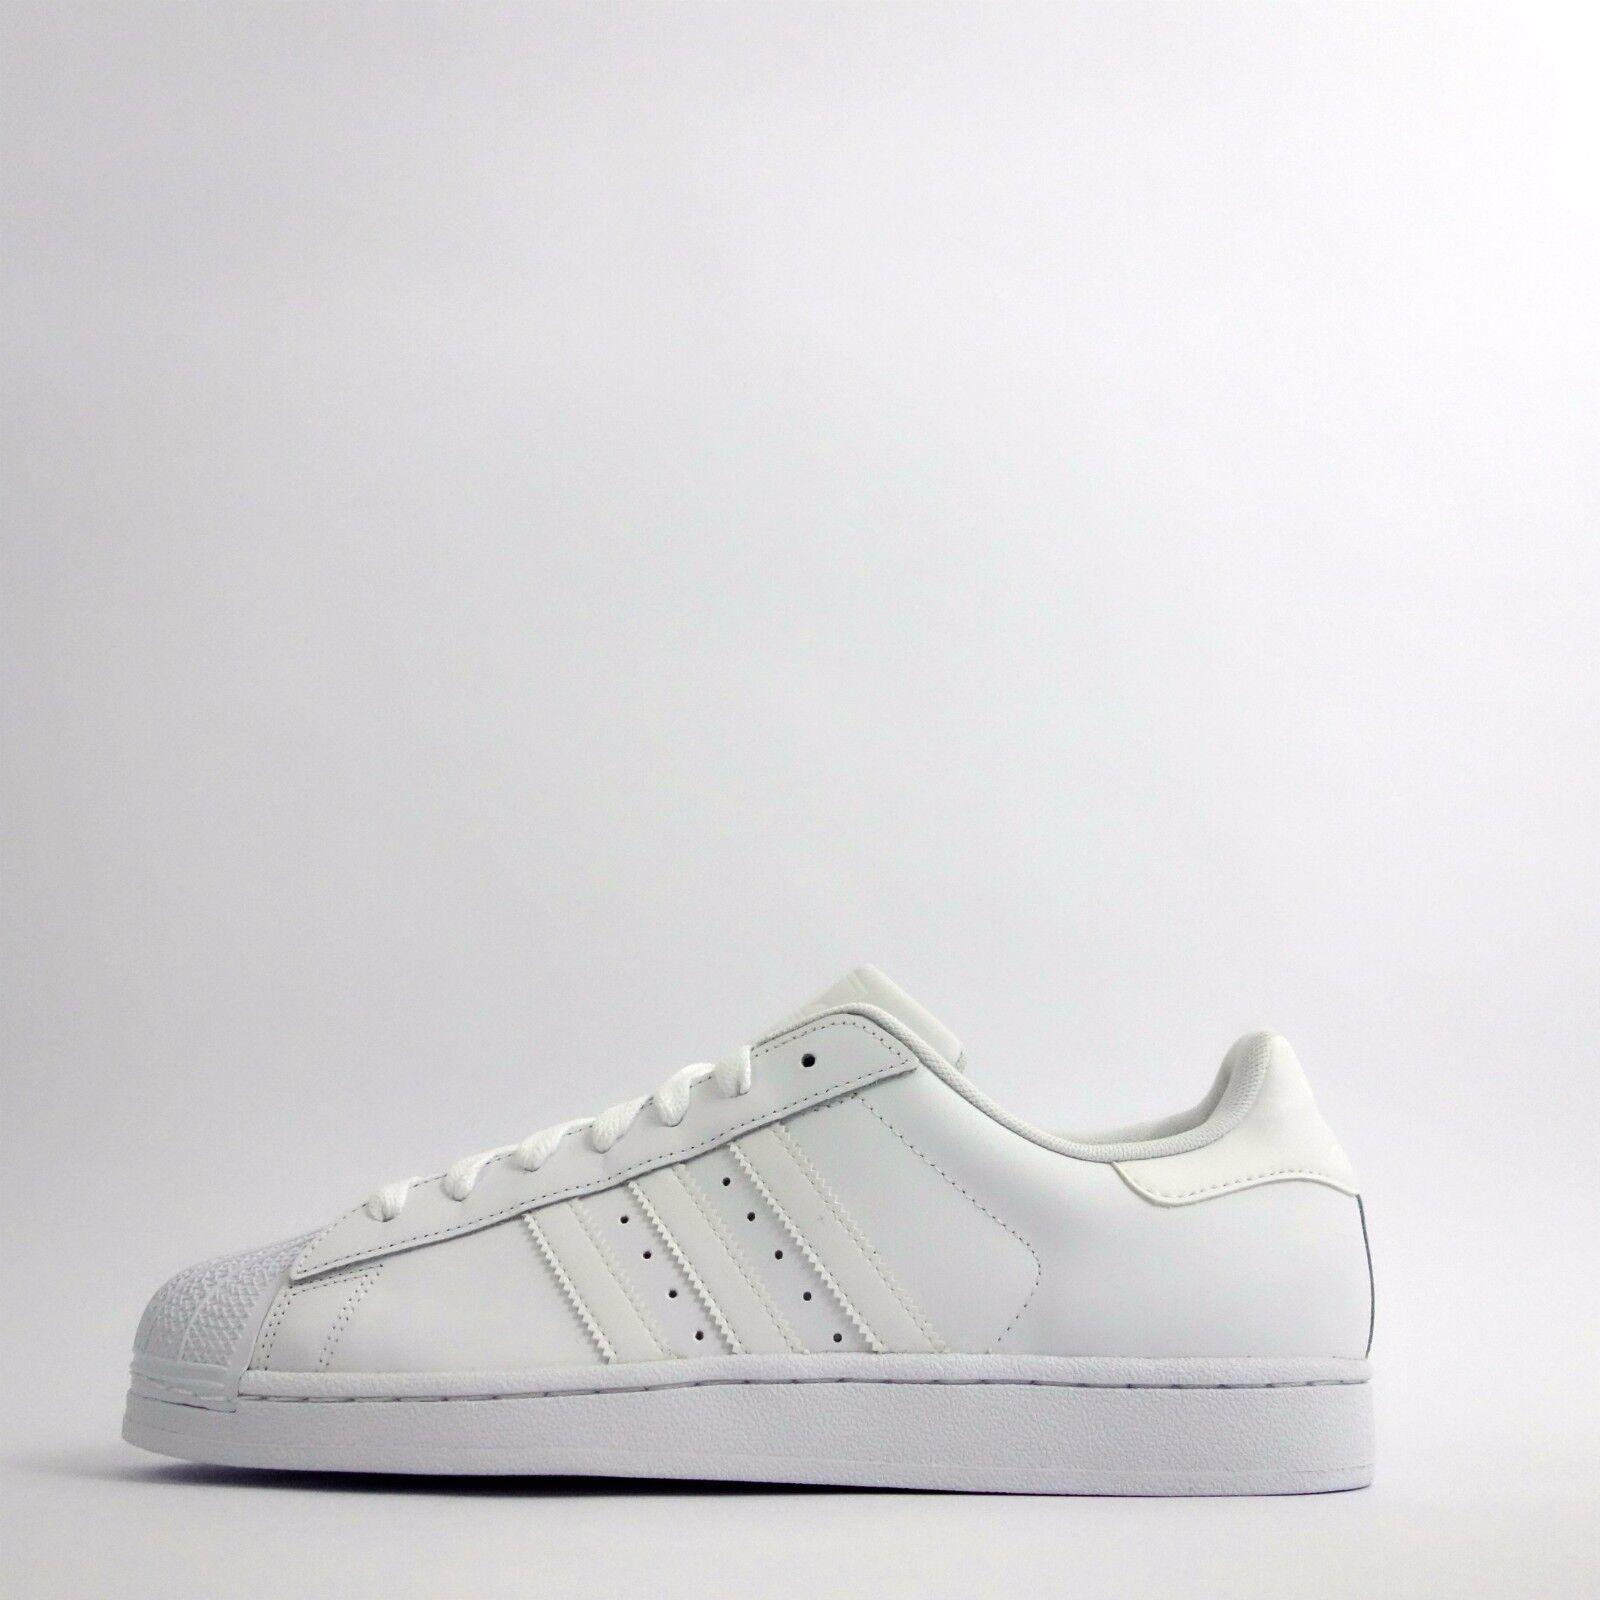 Adidas Originals Superstar 2 Shell Toe entrenadores de cuero Tenis para hombre II Zapatos Tenis cuero a28bcd